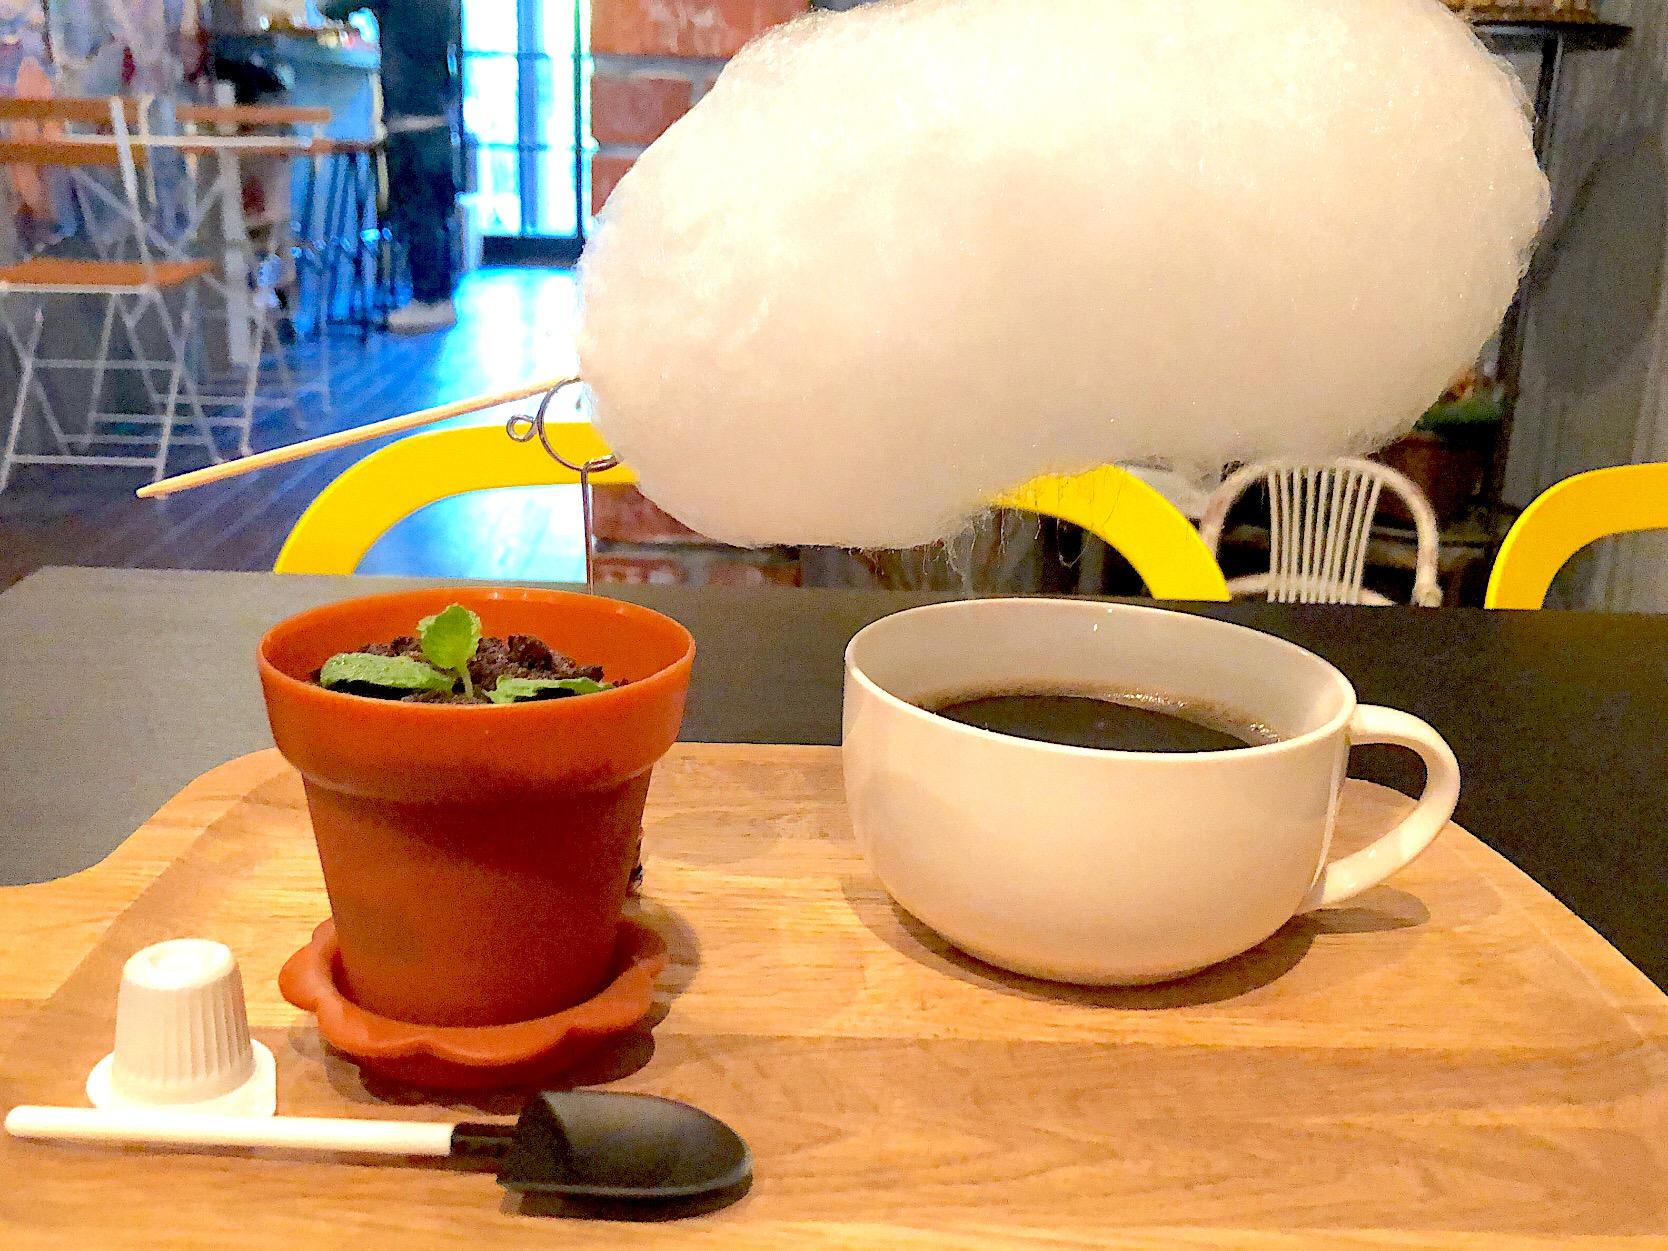 降水確率100%!? カップに雨が降り注ぐ「雲下コーヒー」が京都で話題!